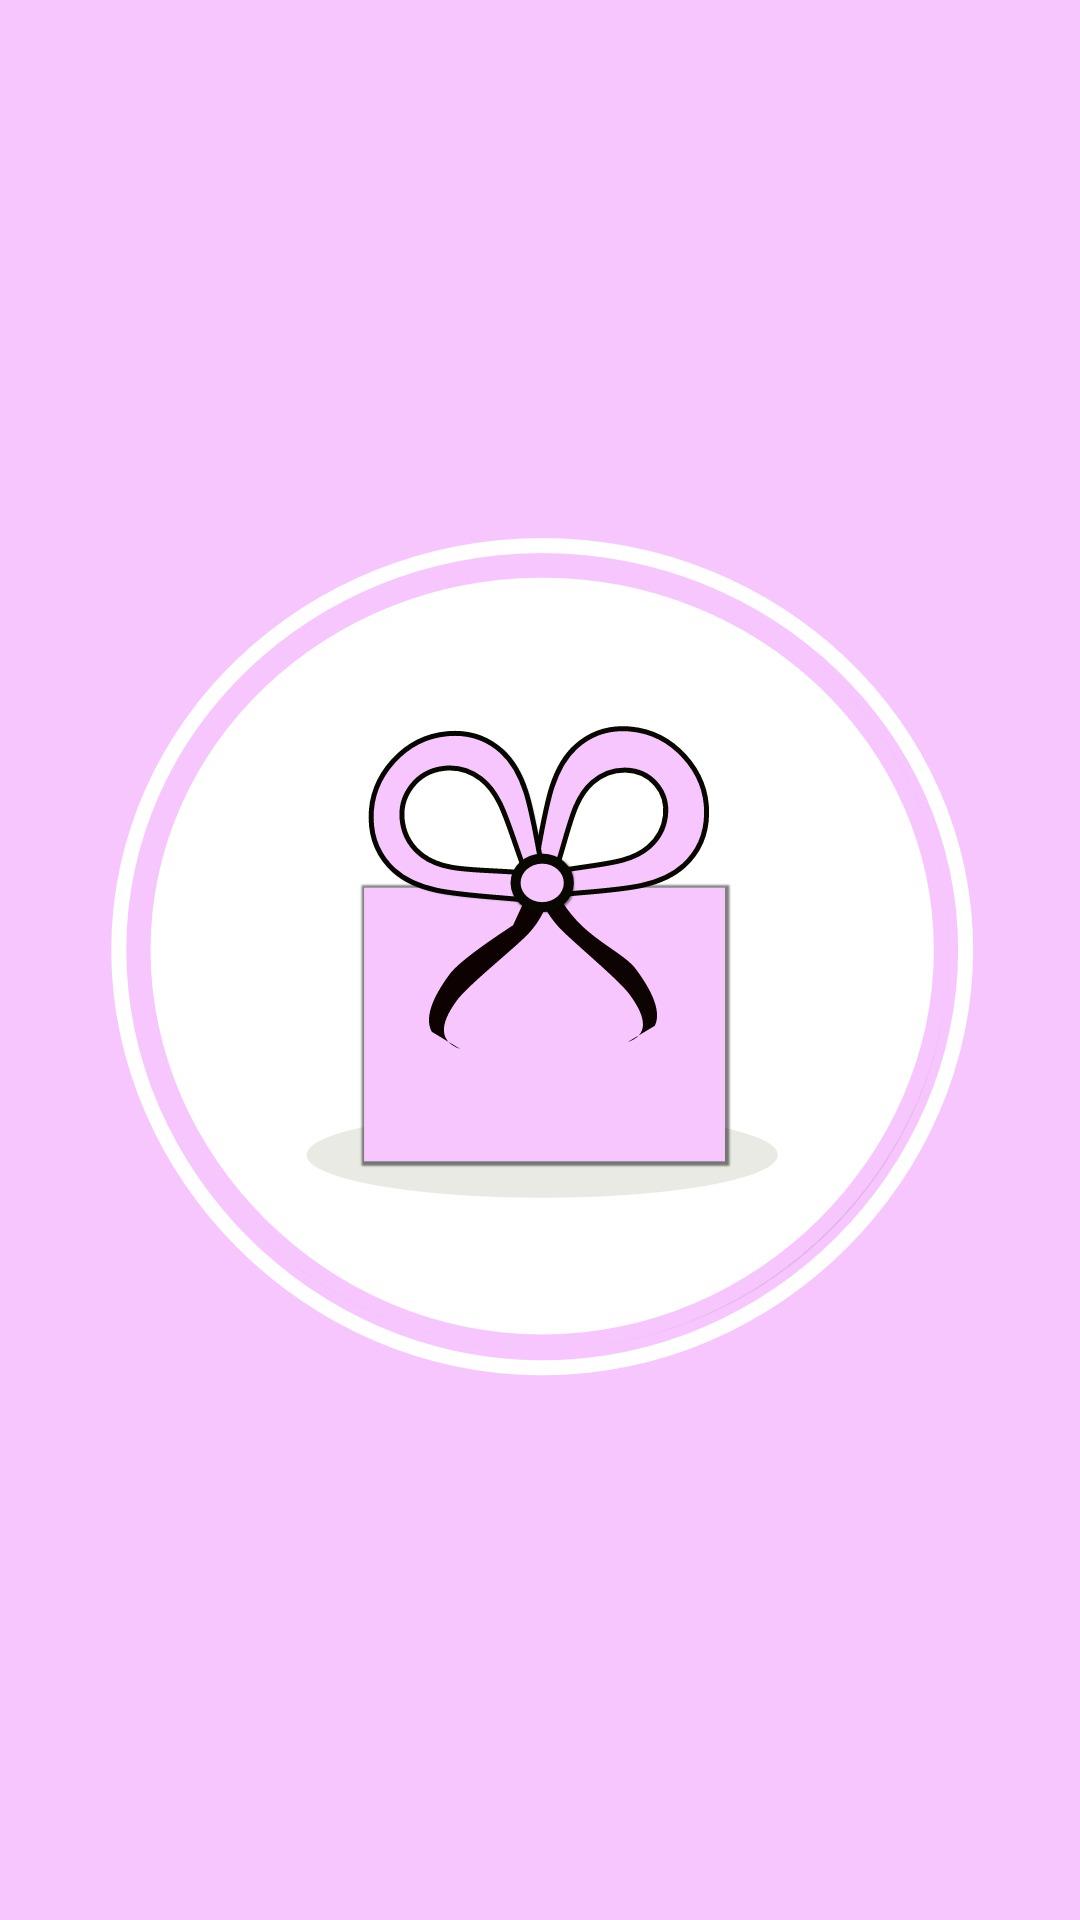 Instagram-cover-box-pink-lotnotes.com.jpg